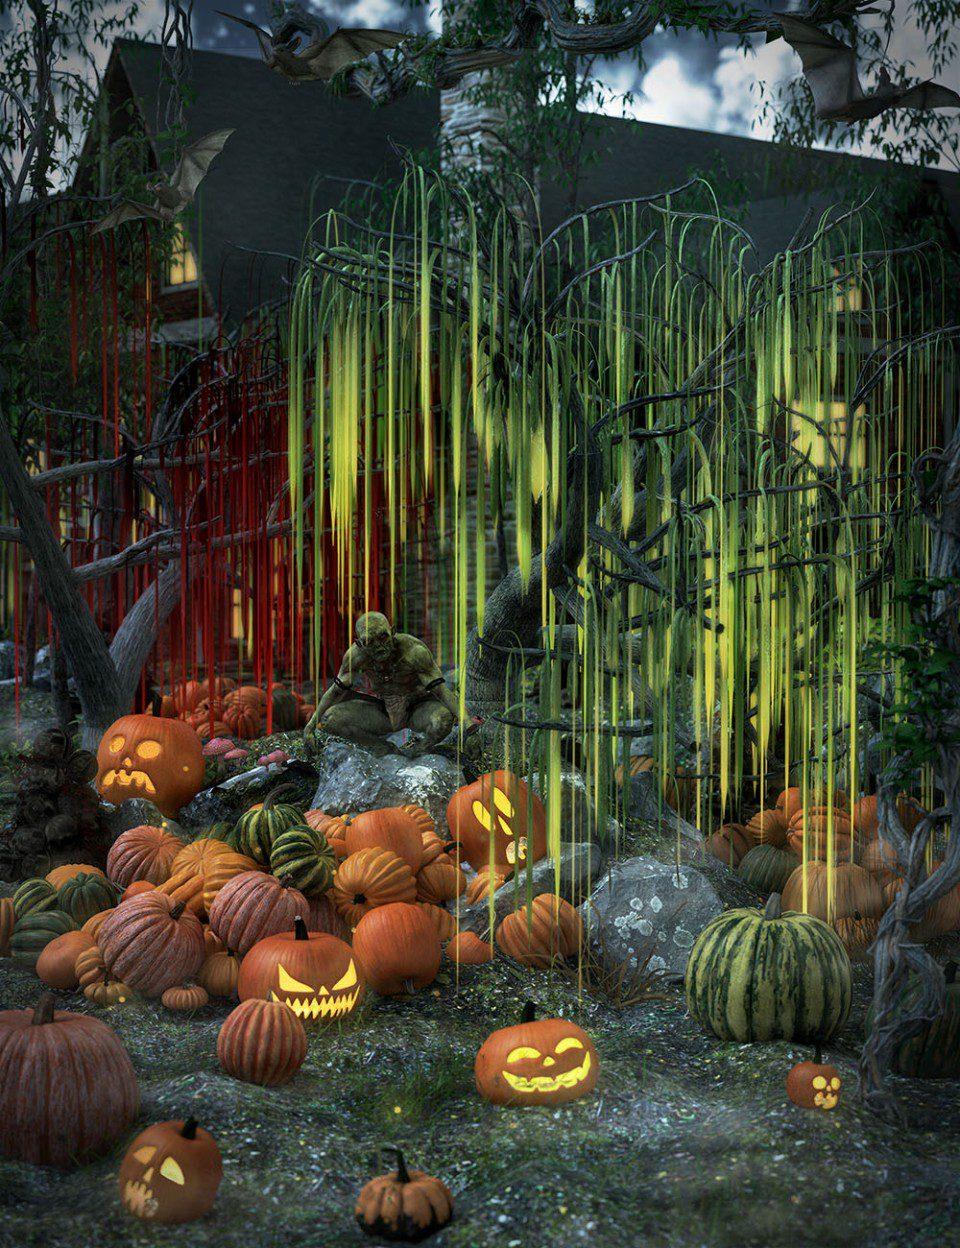 All Hallows Eve Slime Trees_DAZ3D下载站